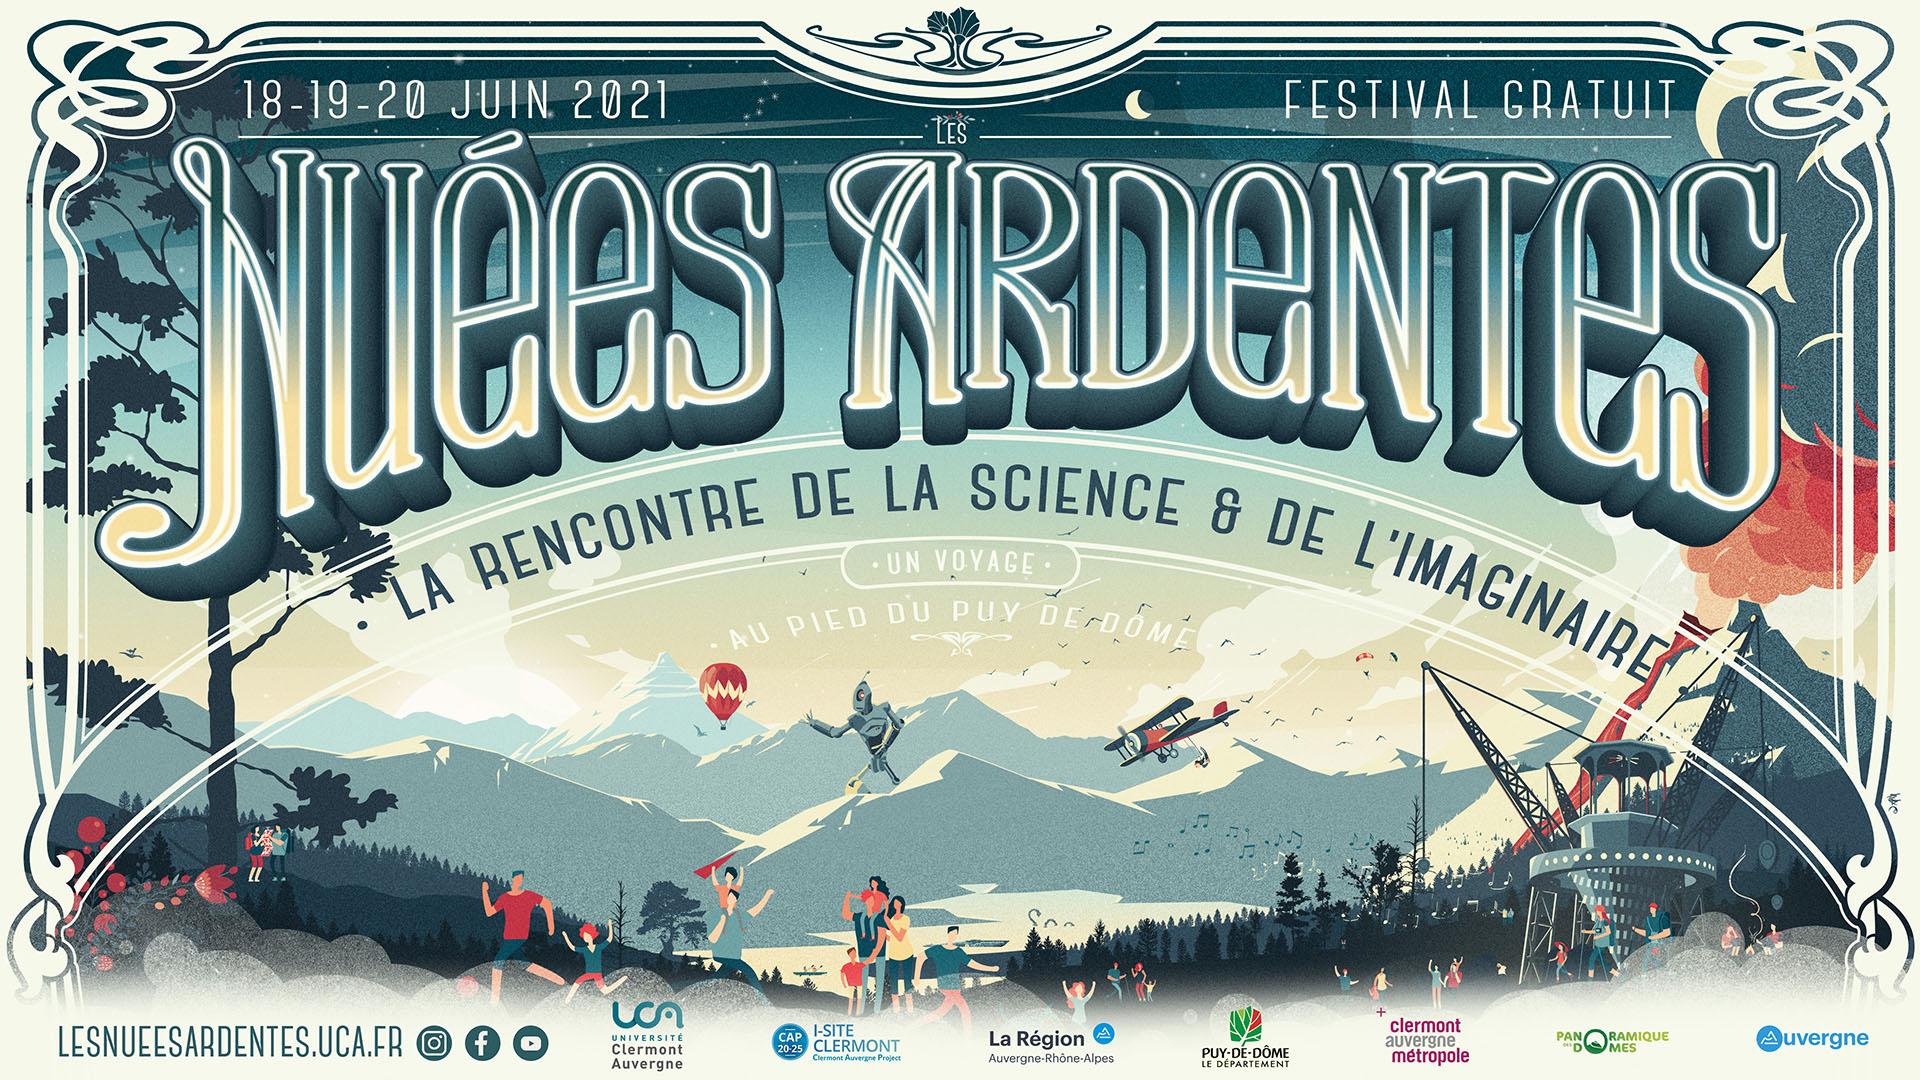 [SUR PLACE] Les Nuées Ardentes @ Maison du Site du Panoramique des Dômes | Orcines | Auvergne-Rhône-Alpes | France